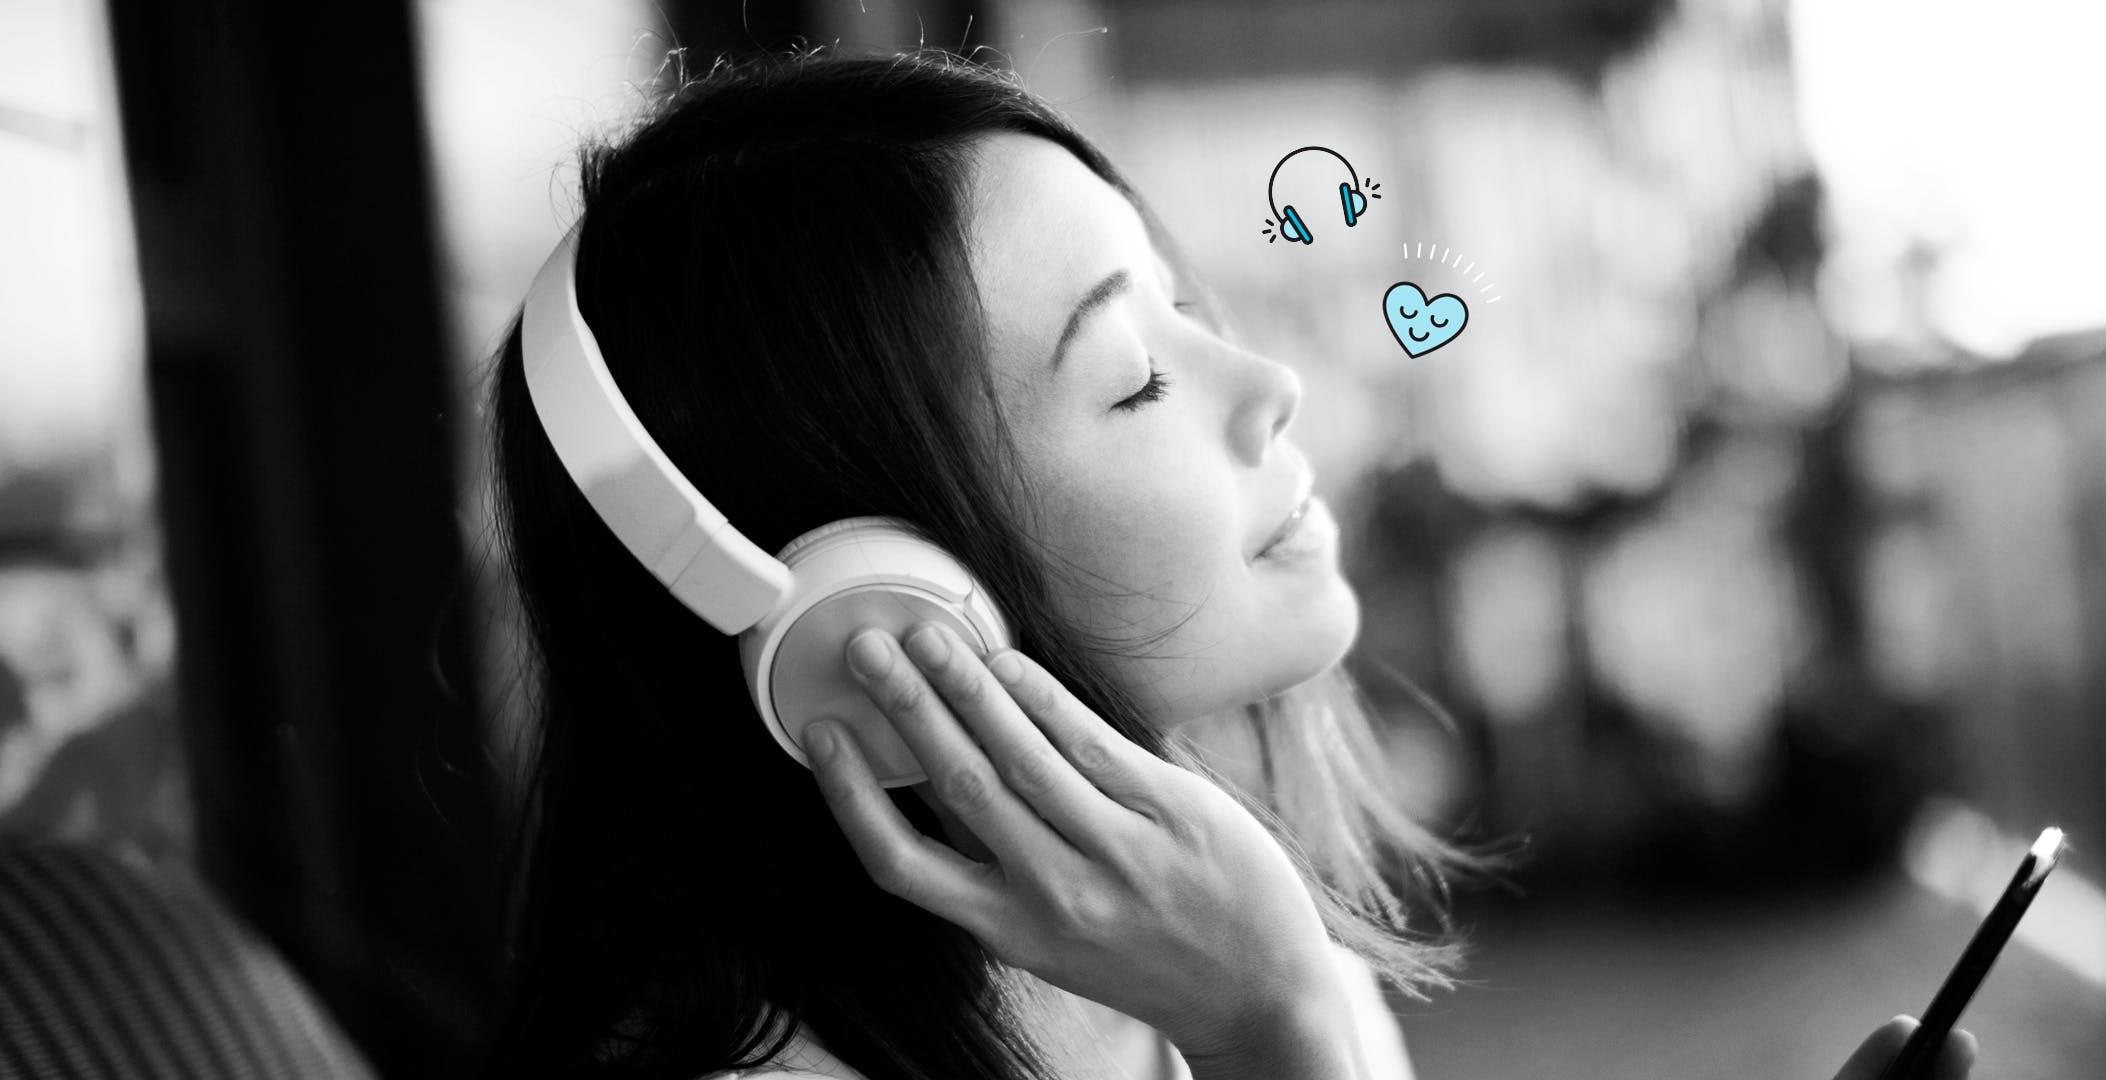 Qualcomm Snapdragon Sound baratta la qualità audio con la libertà di scelta